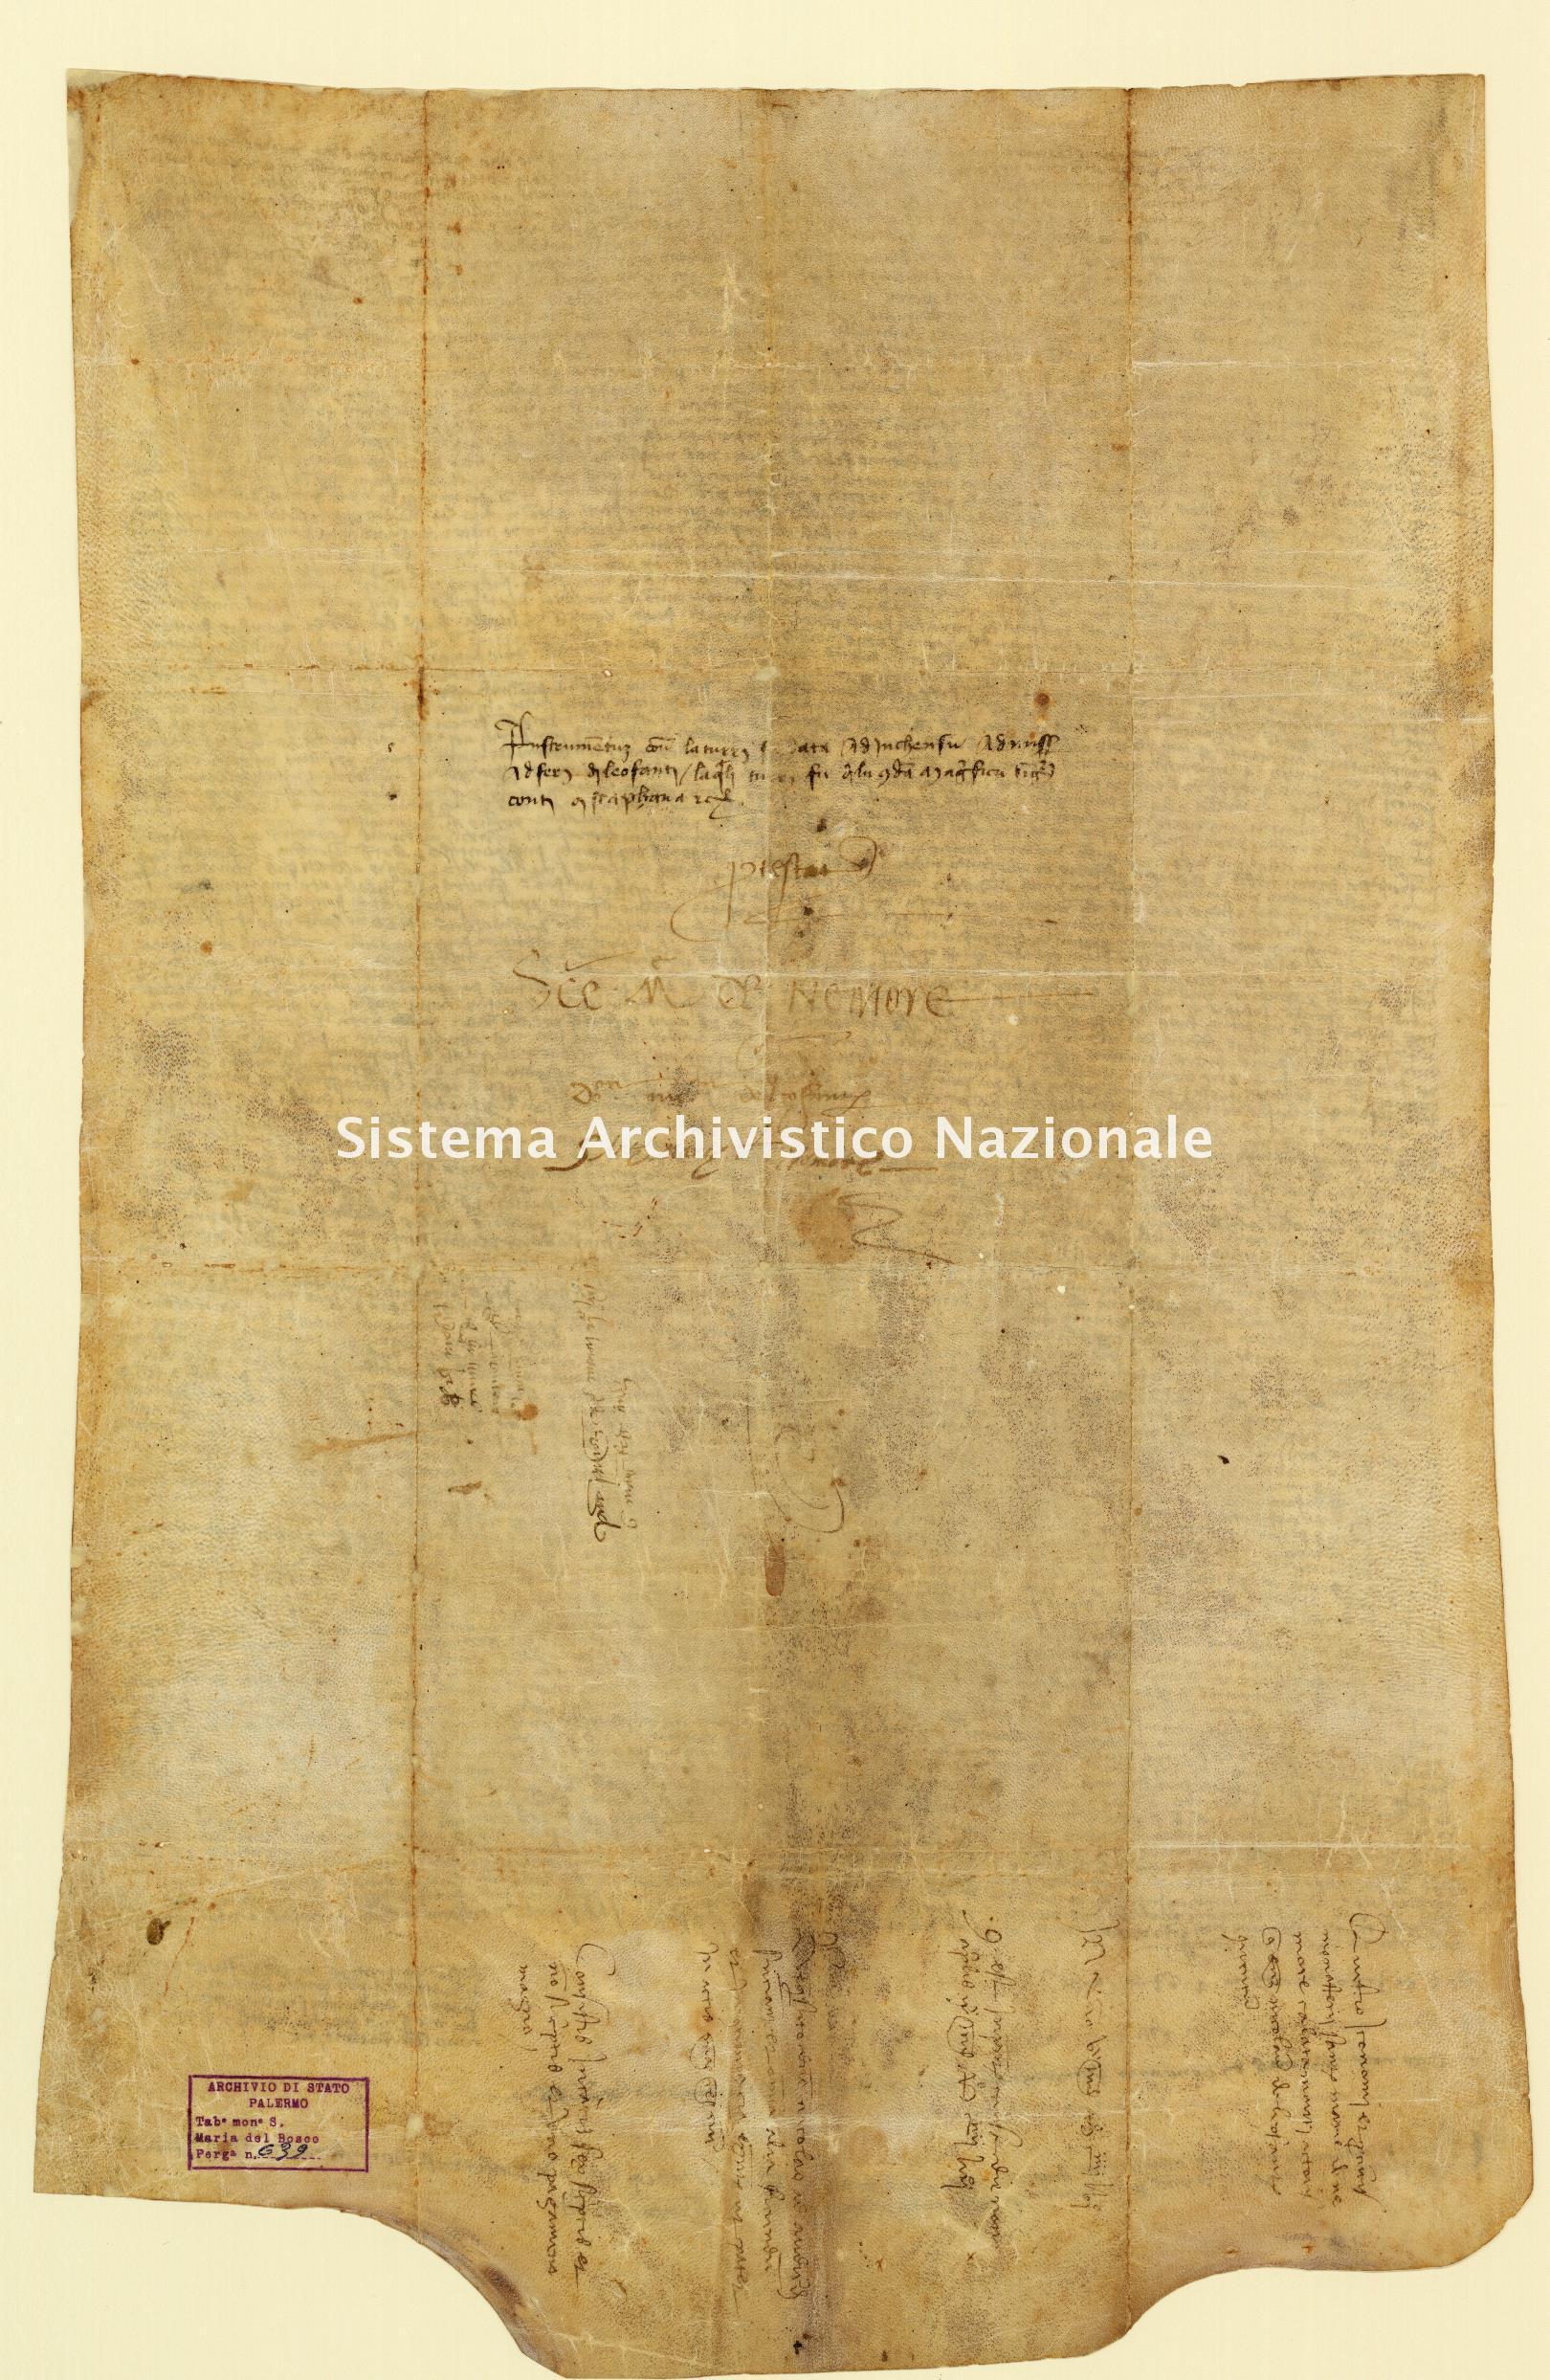 Archivio di Stato di Palermo, Diplomatico, Tabulario del monastero di Santa Maria del Bosco di Calatamauro, Pergamena TSMB 639